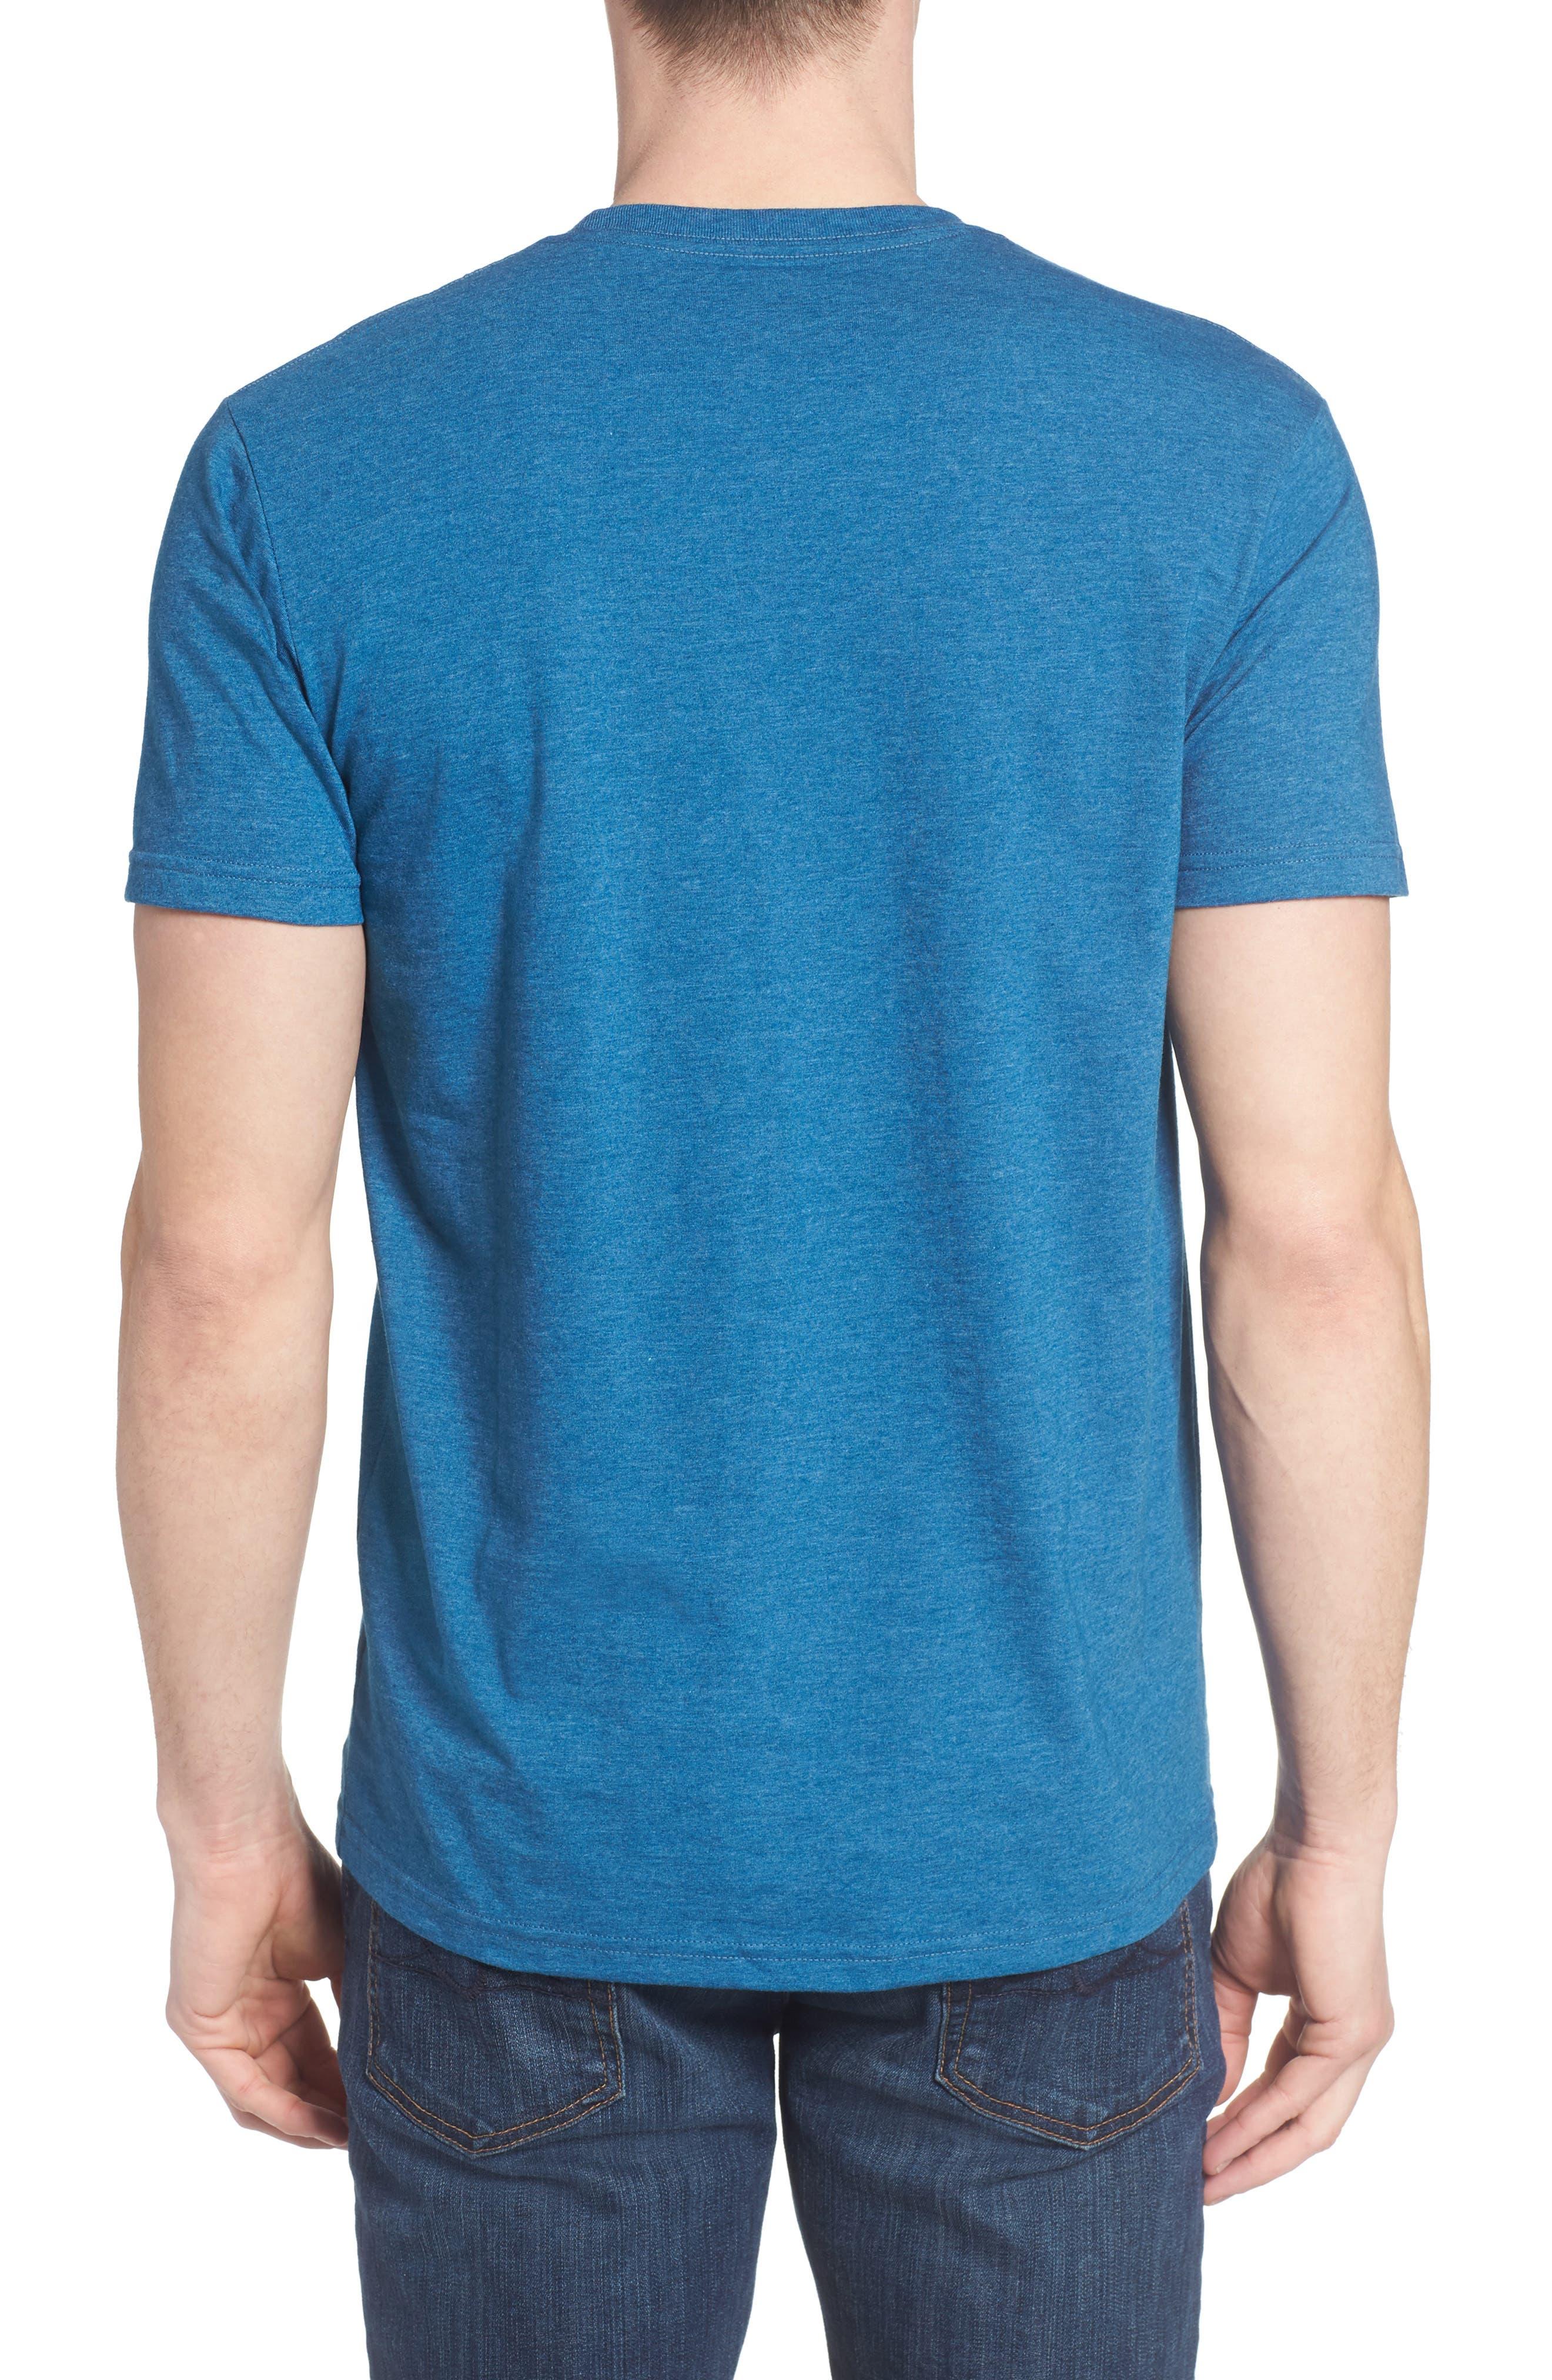 'Fitz Roy Crest' Slim Fit Organic Cotton Blend T-Shirt,                             Alternate thumbnail 13, color,